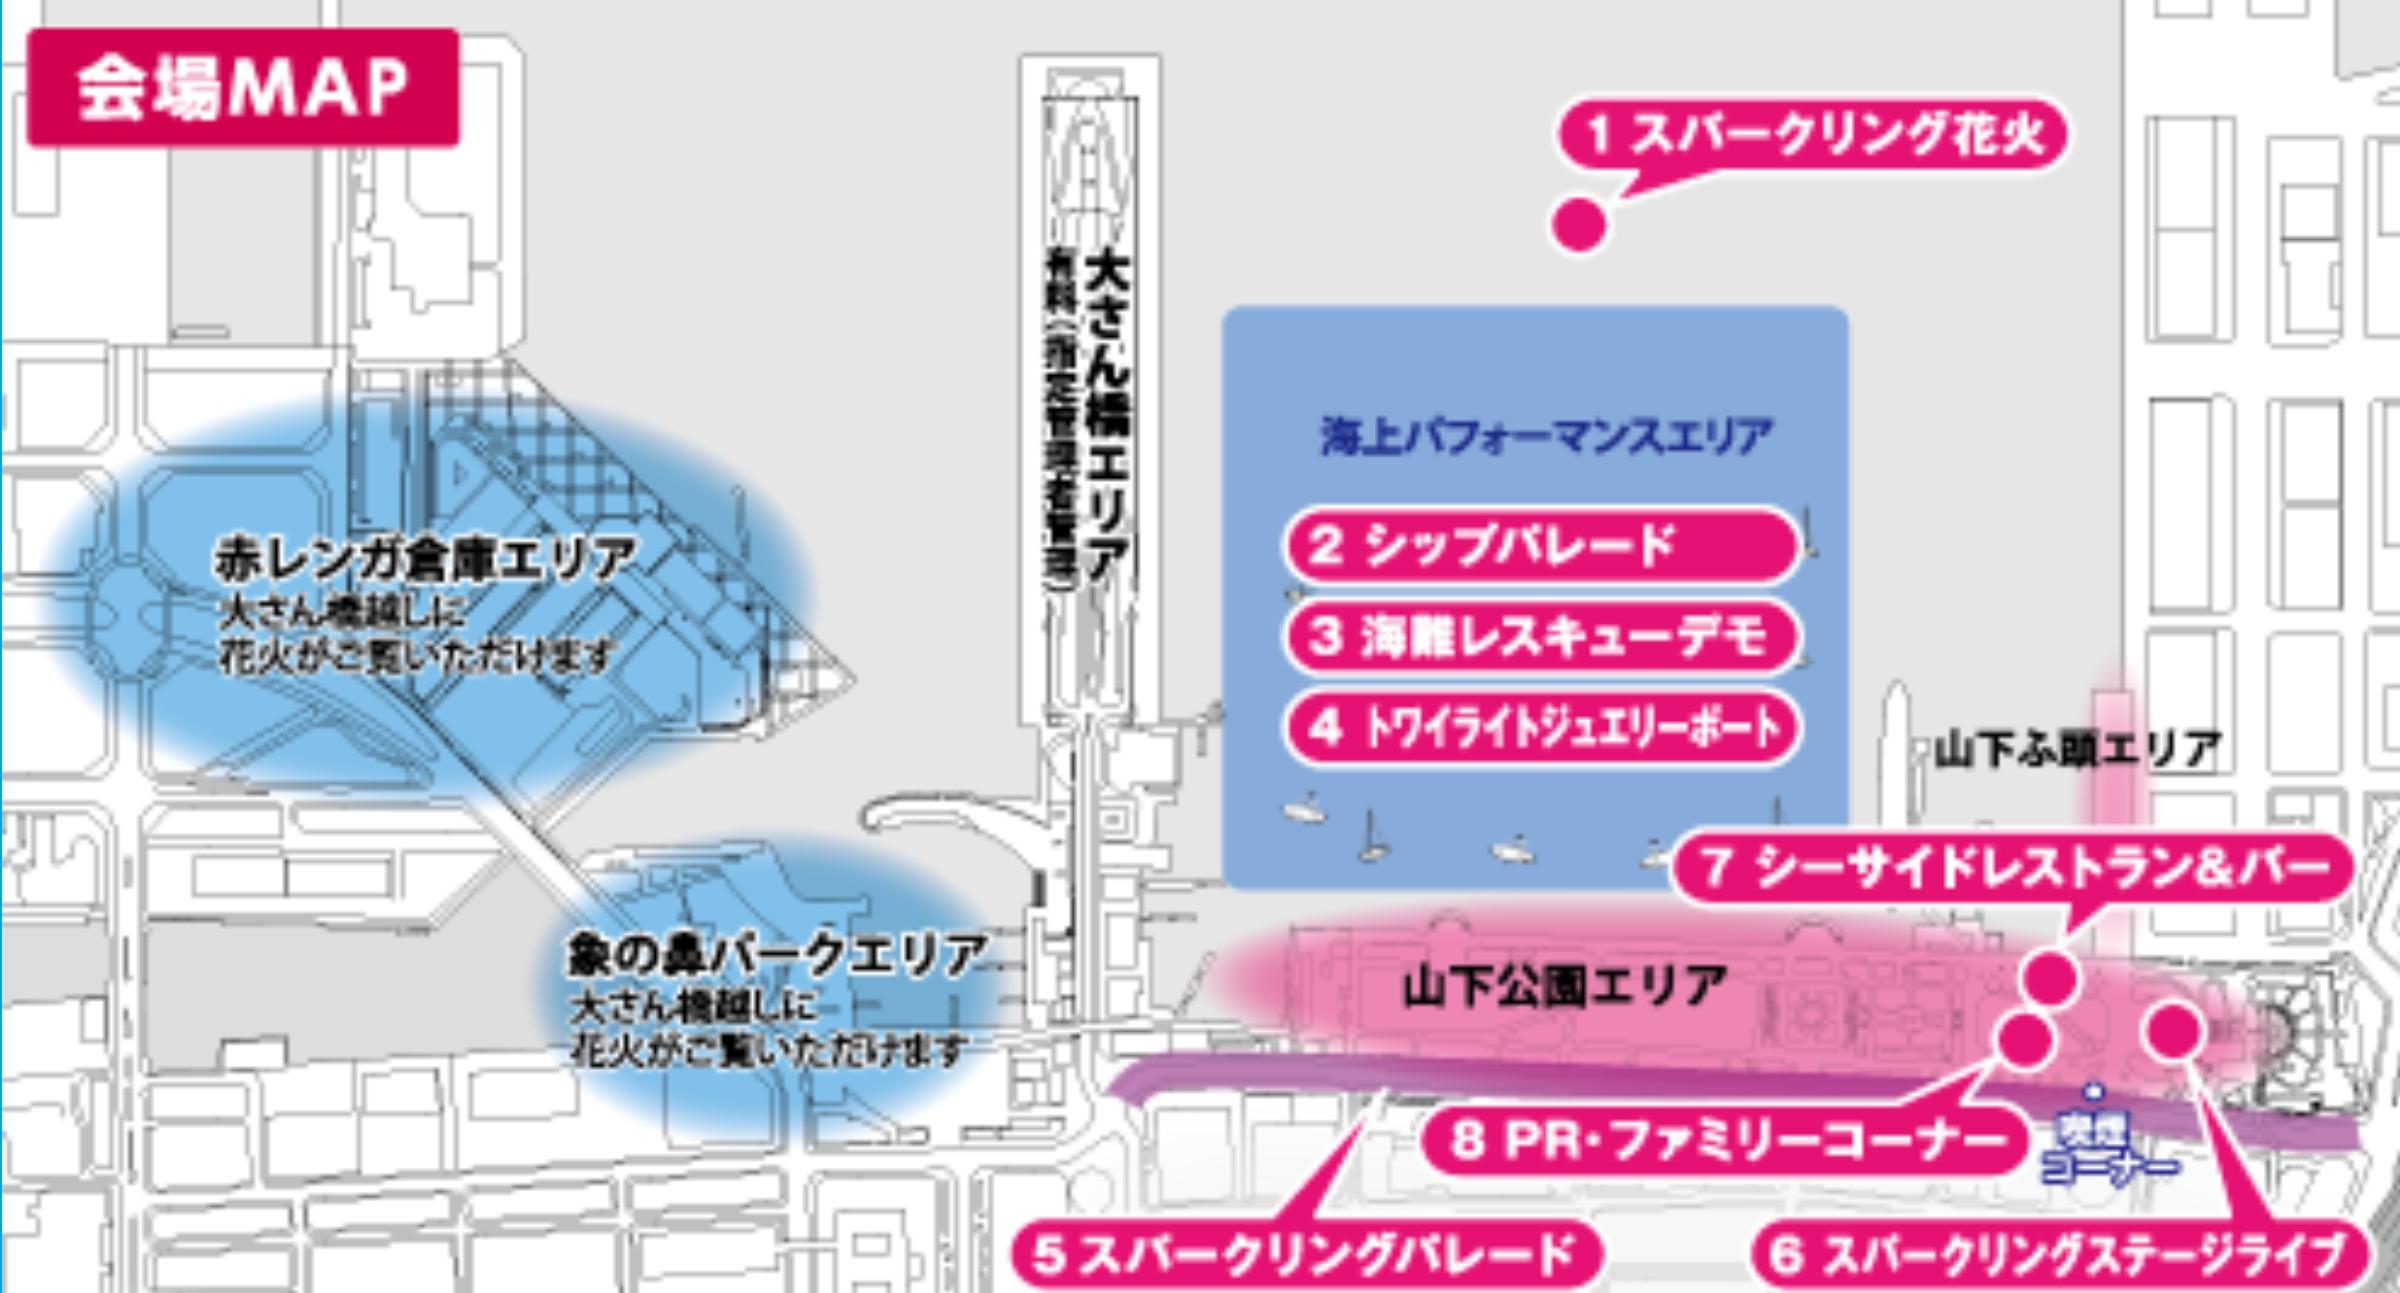 横浜スパークリングトワイライト2019の会場MAPと観覧ポイント